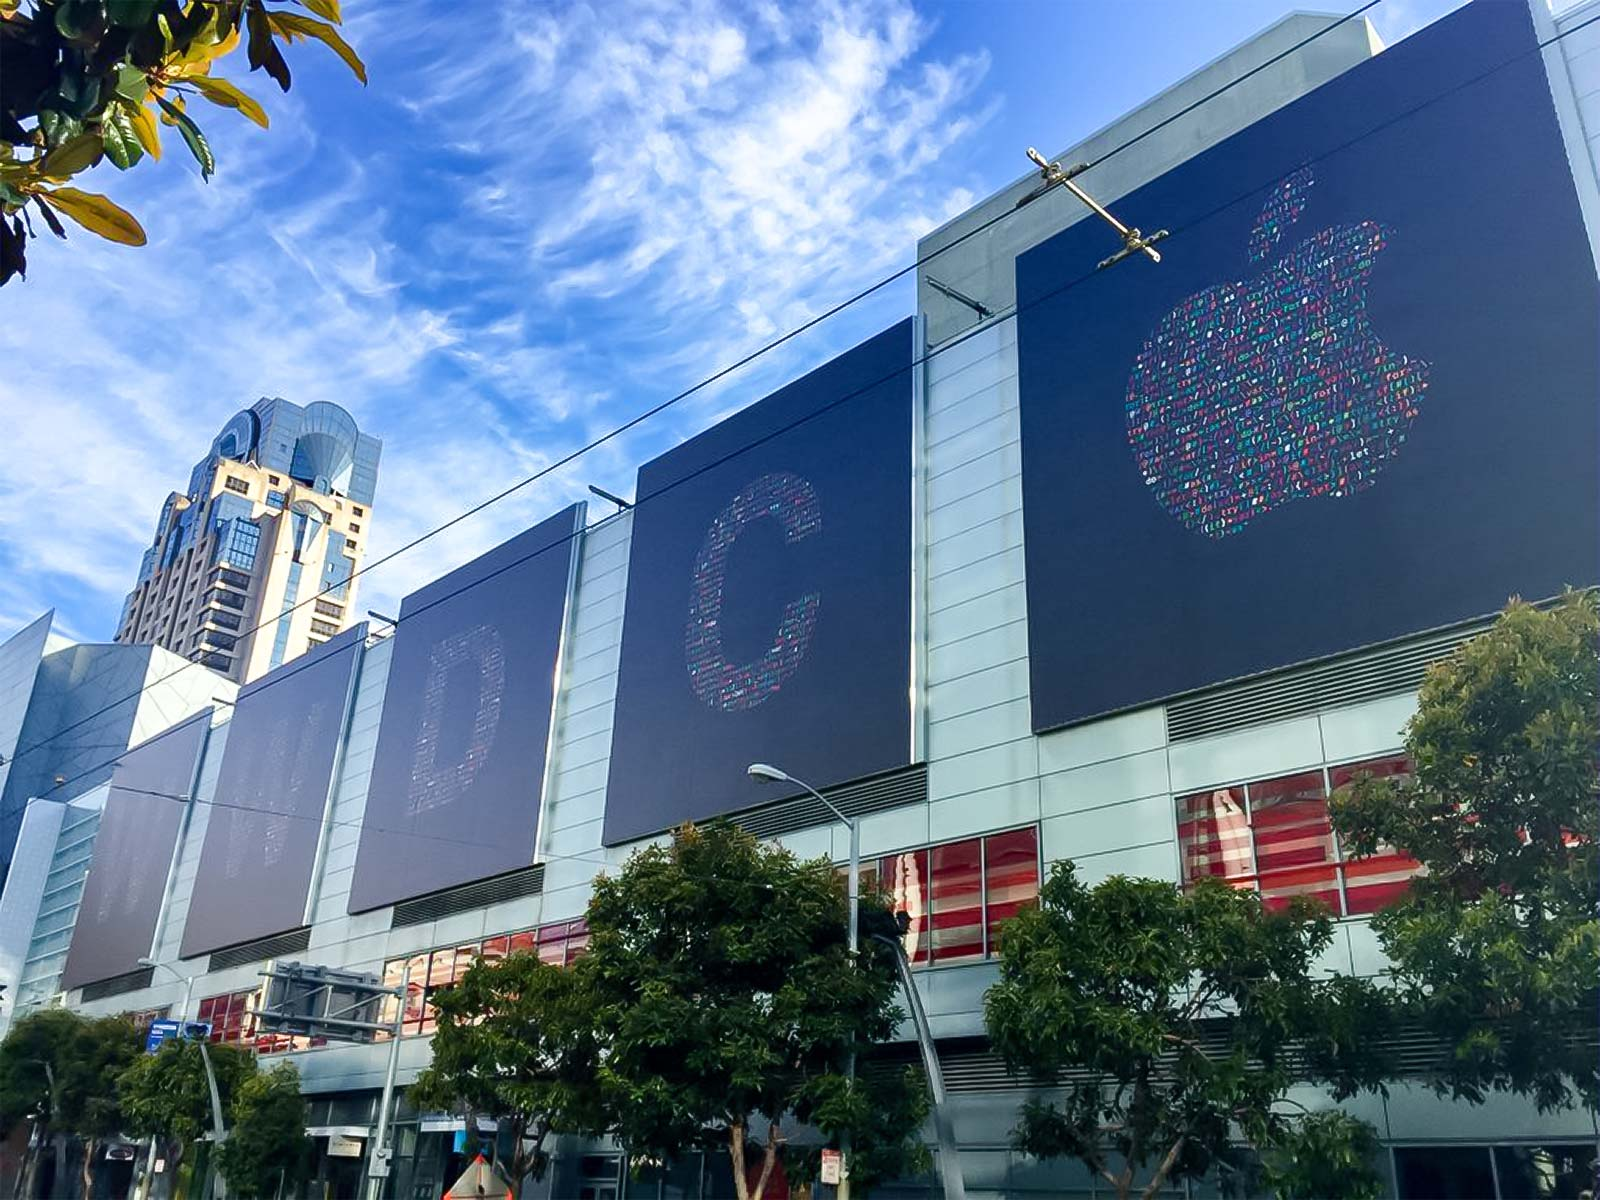 تزيينات موسكون ويست لمؤتمر WWDC 2016